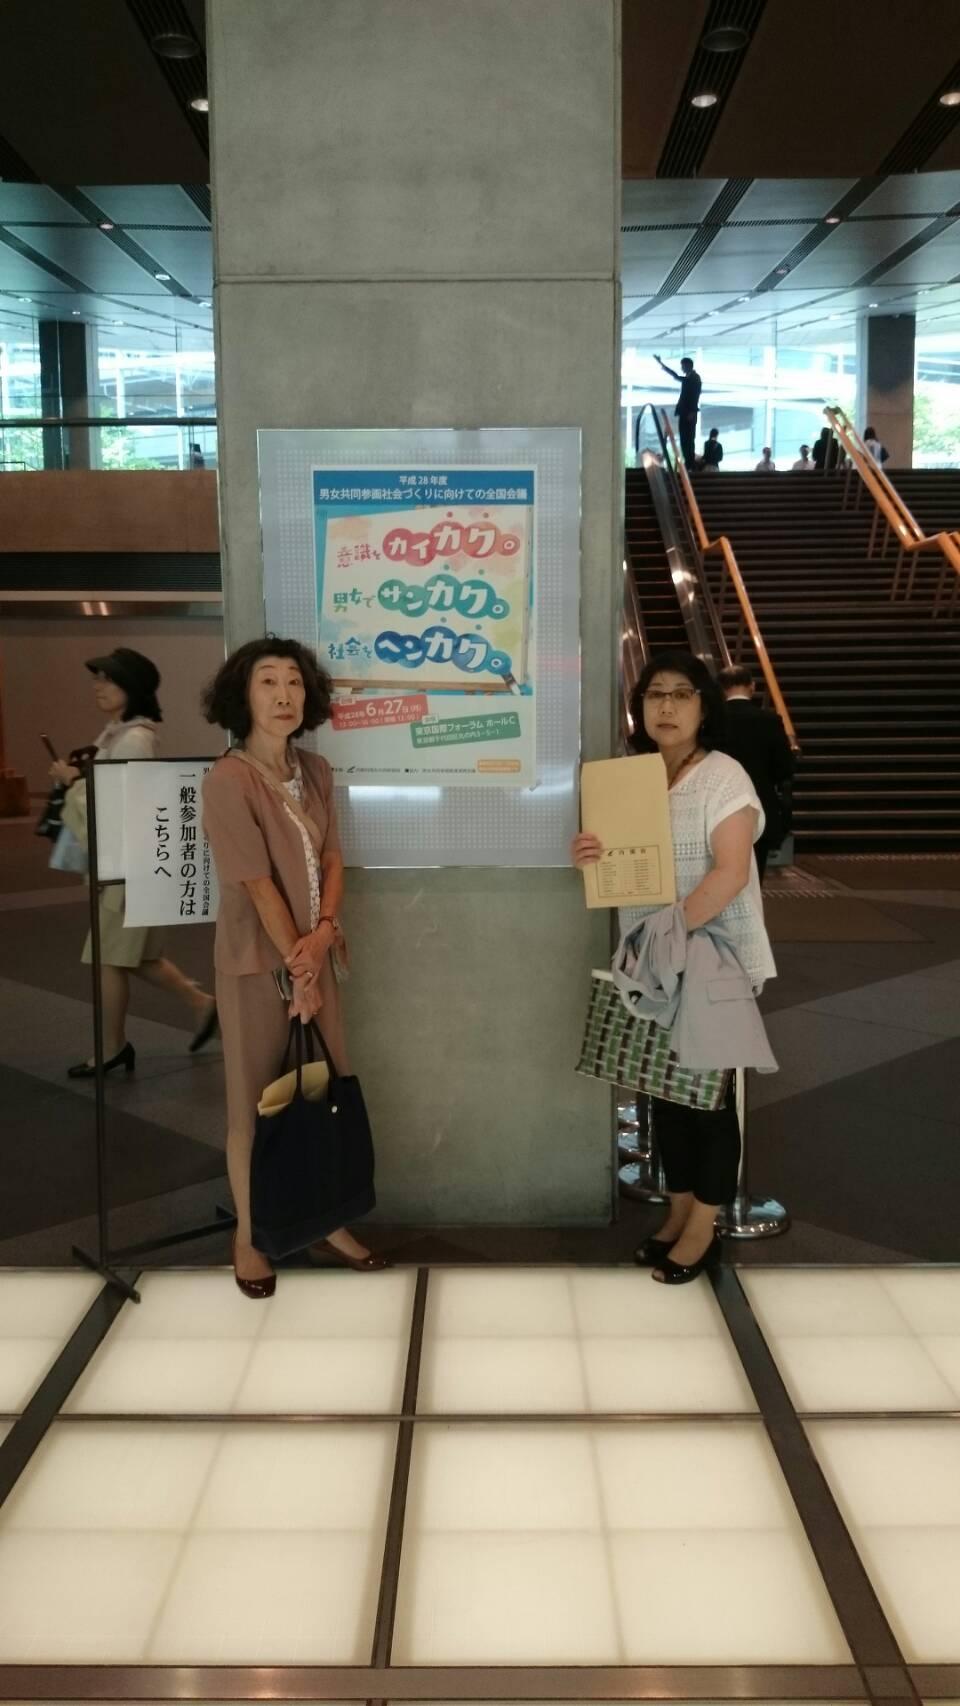 会場の入り口で参加した福岡さんと佐藤さんの写真